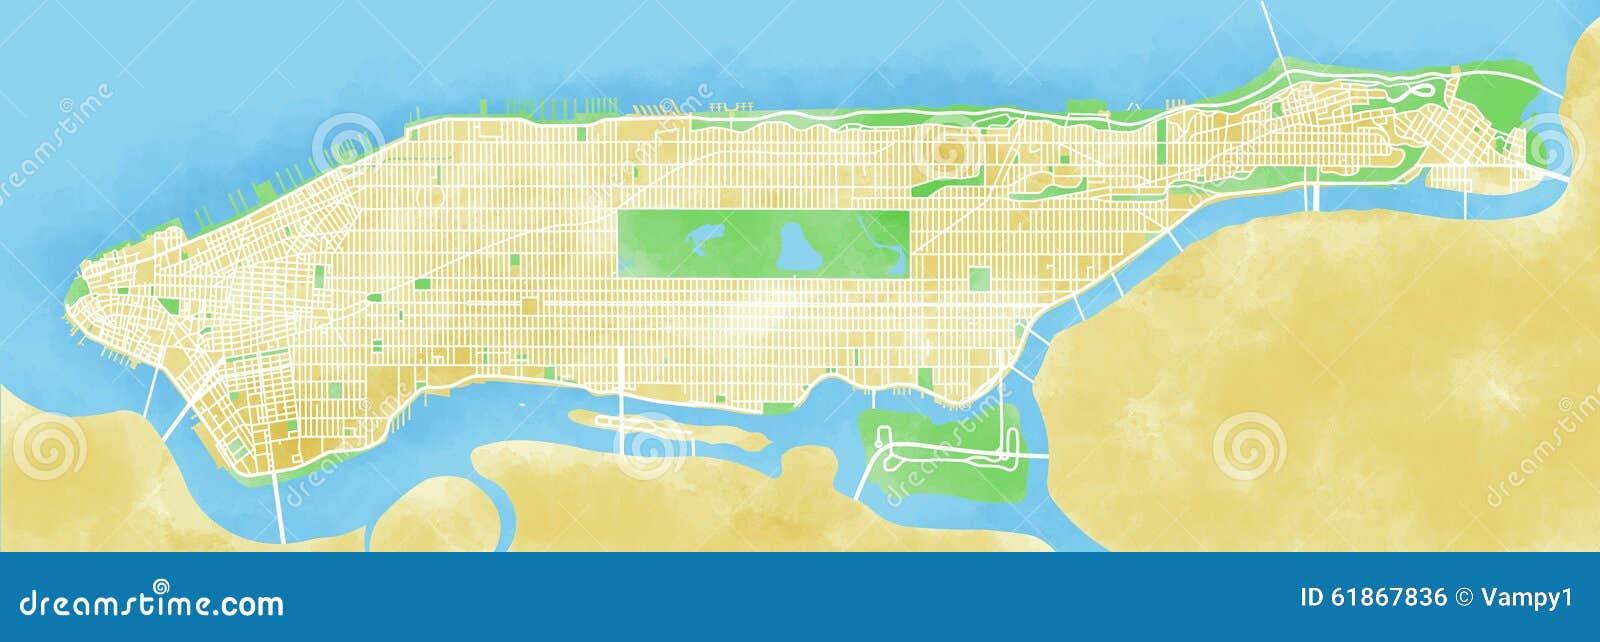 Mapa Manhattan New York City Dibujado A Mano de – Mapa Manhattan New York